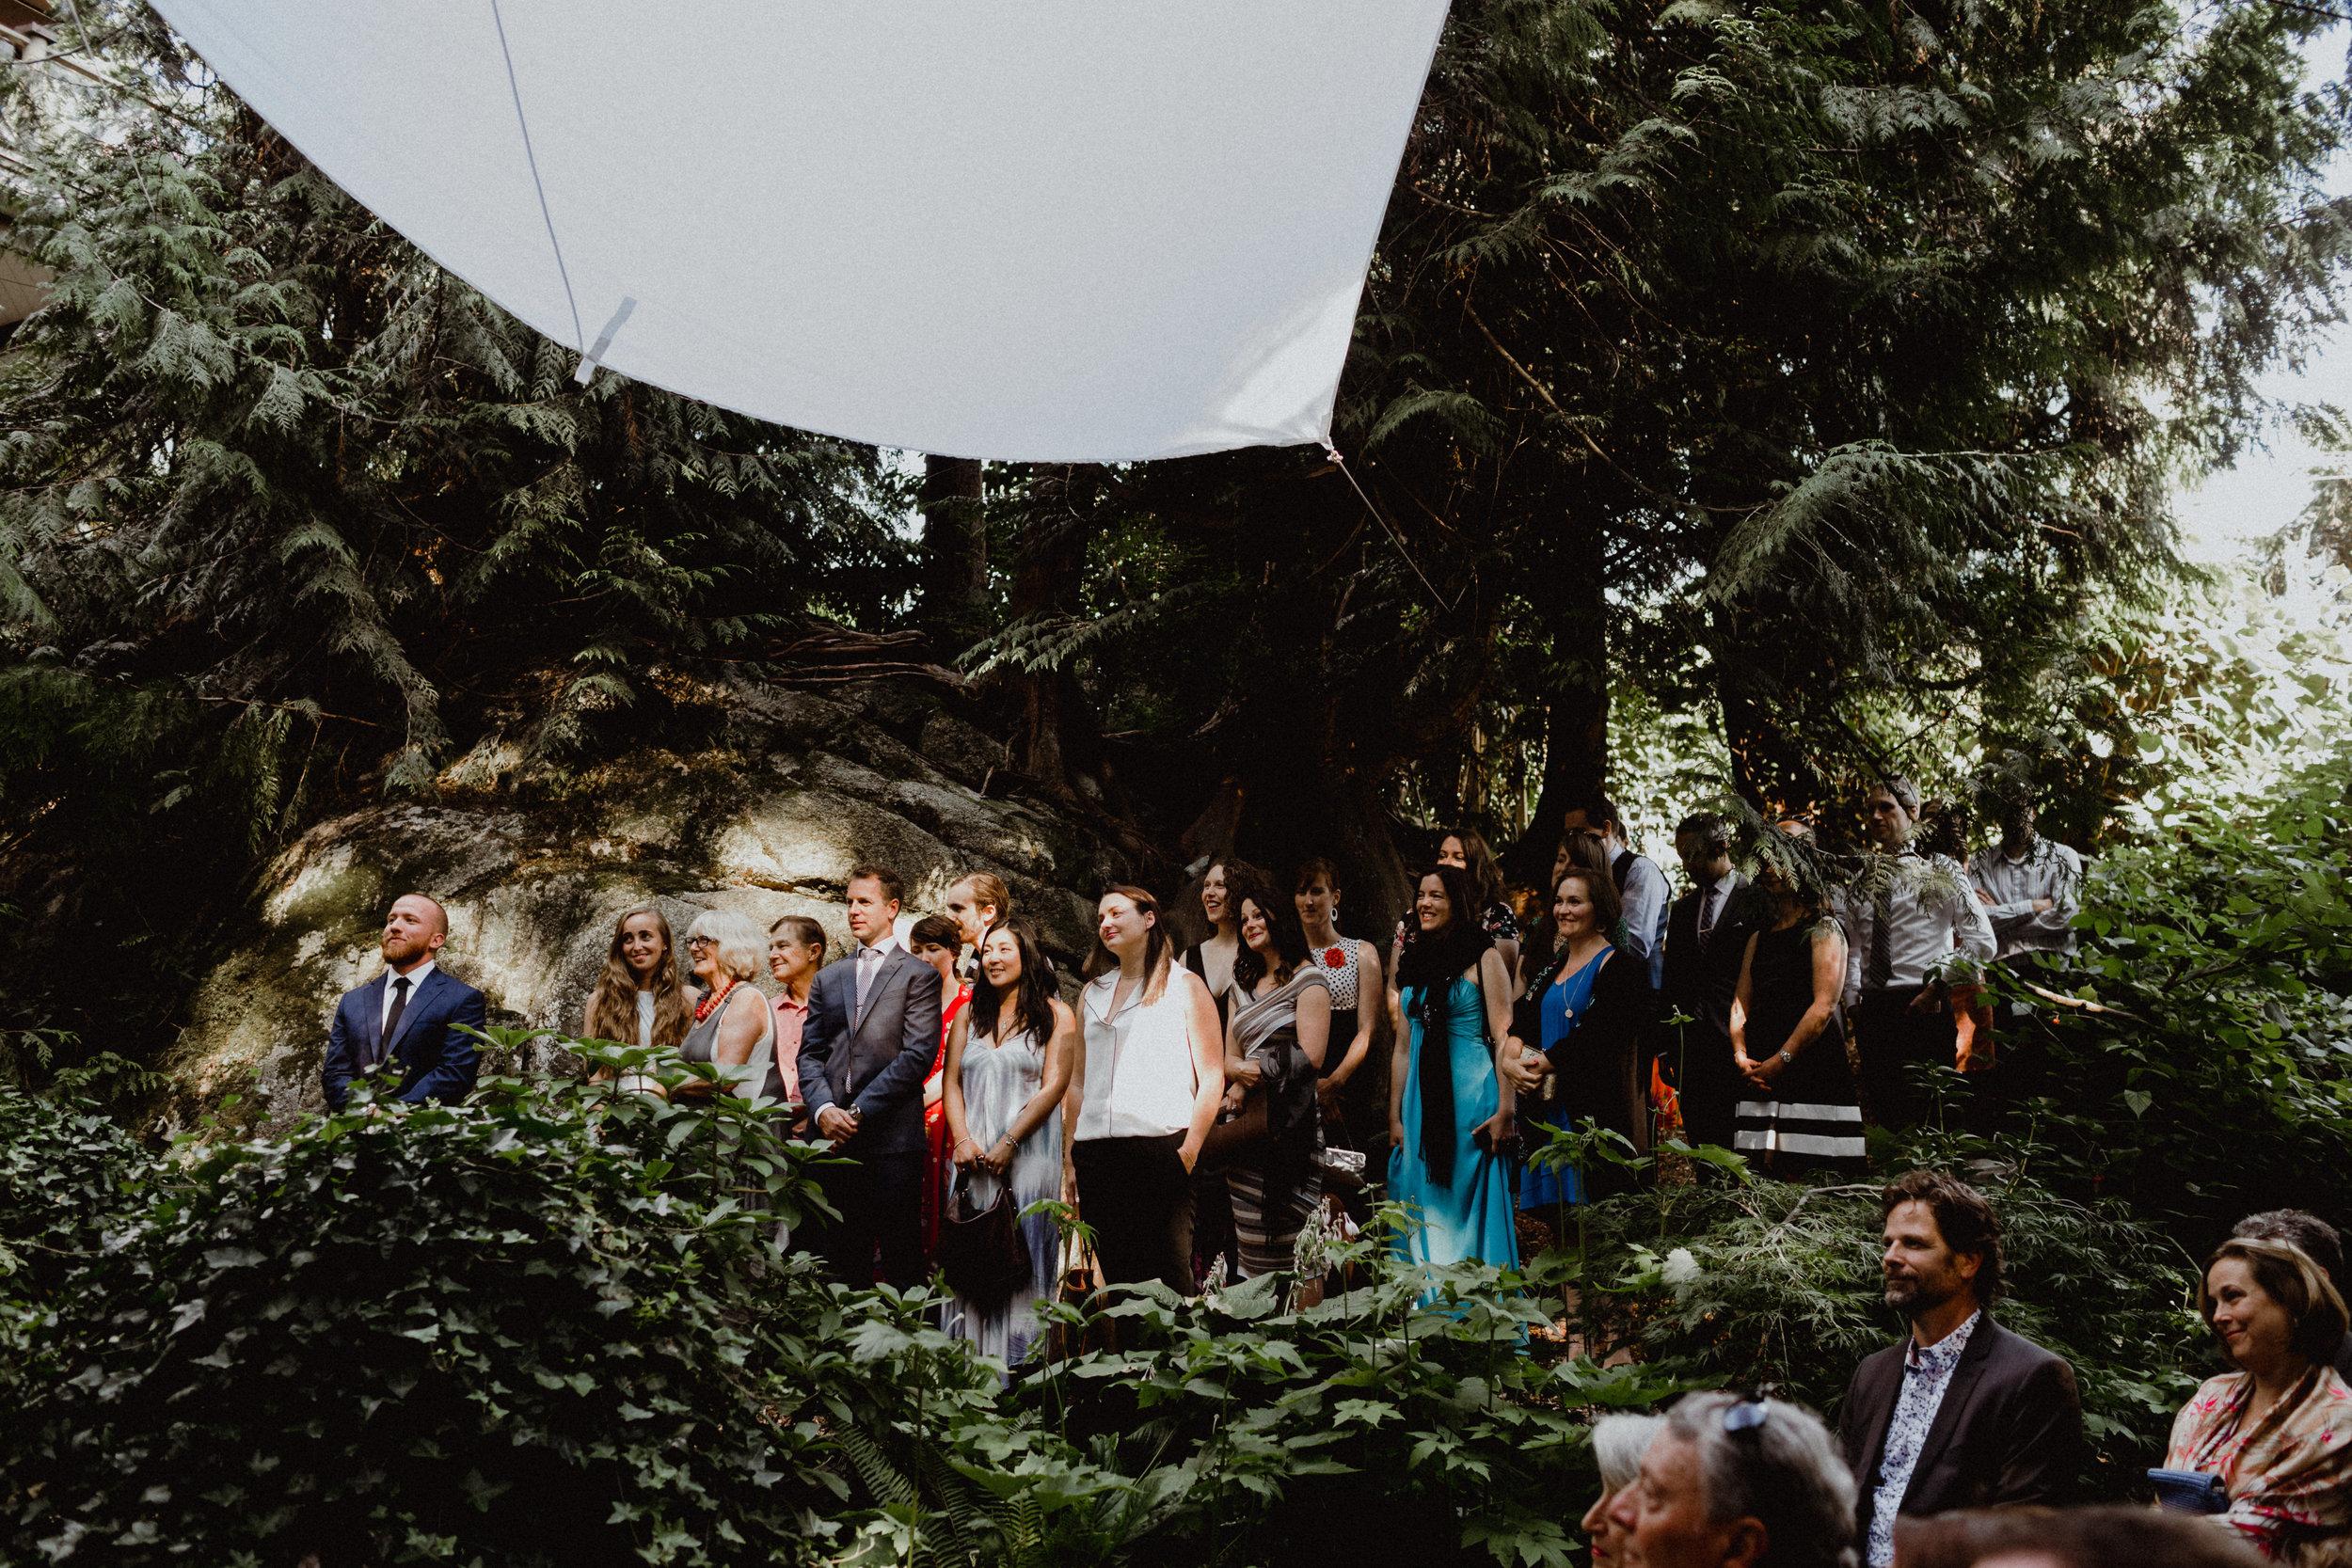 west-vancouver-backyard-wedding-104.jpg